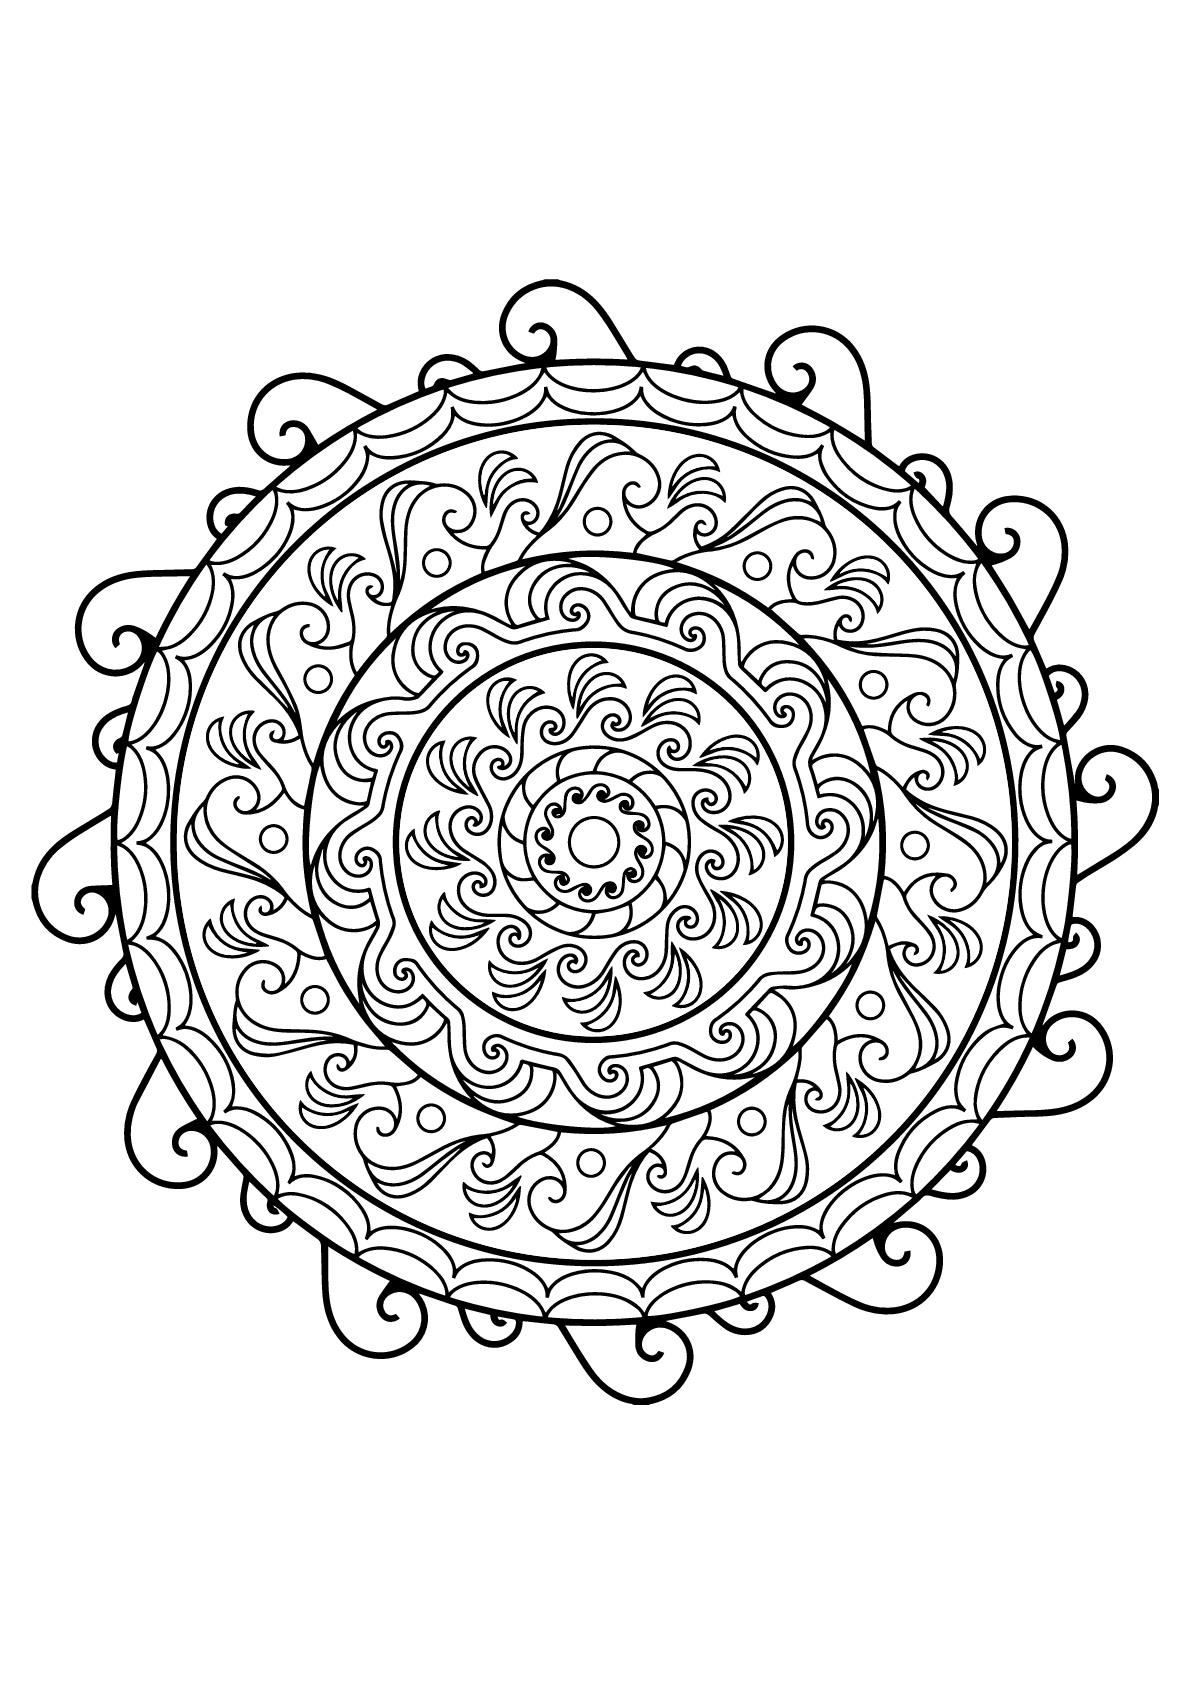 Mandala livre gratuit 21 mandalas coloriages - Coloriages mandalas ...